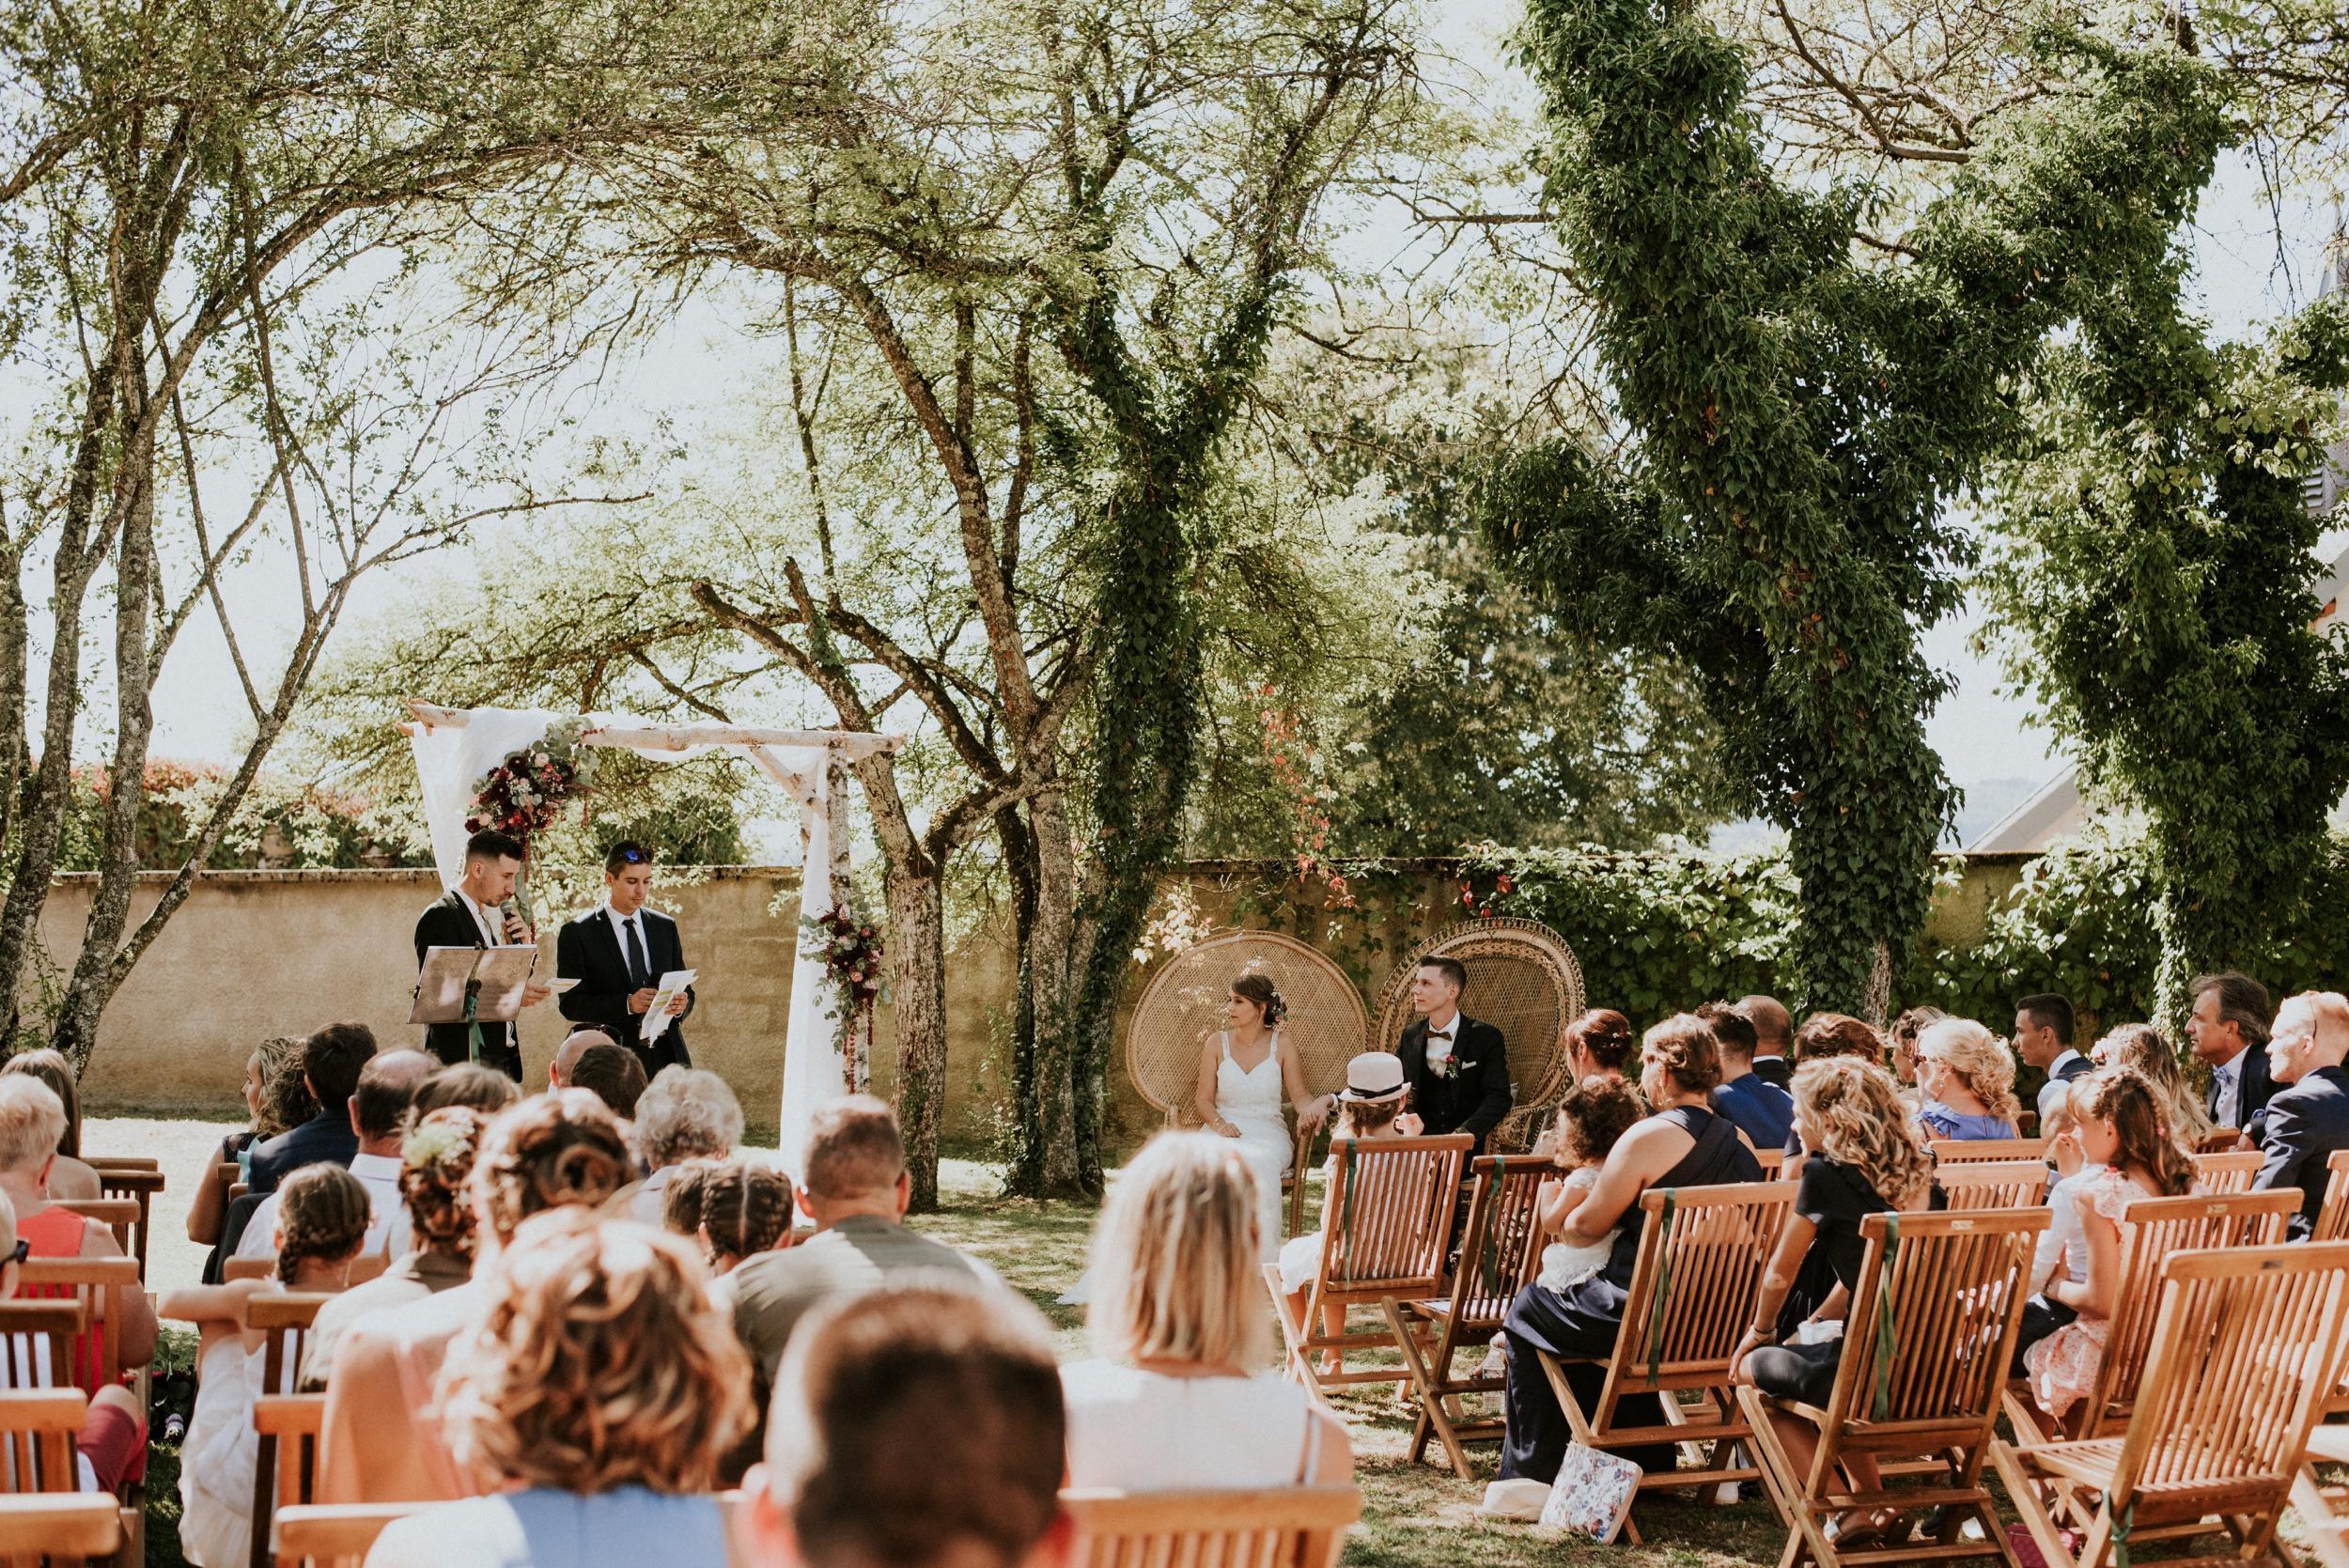 photographe mariage rhone alpes grenoble lyon annecy geneve montagne ceremonie laique_0018